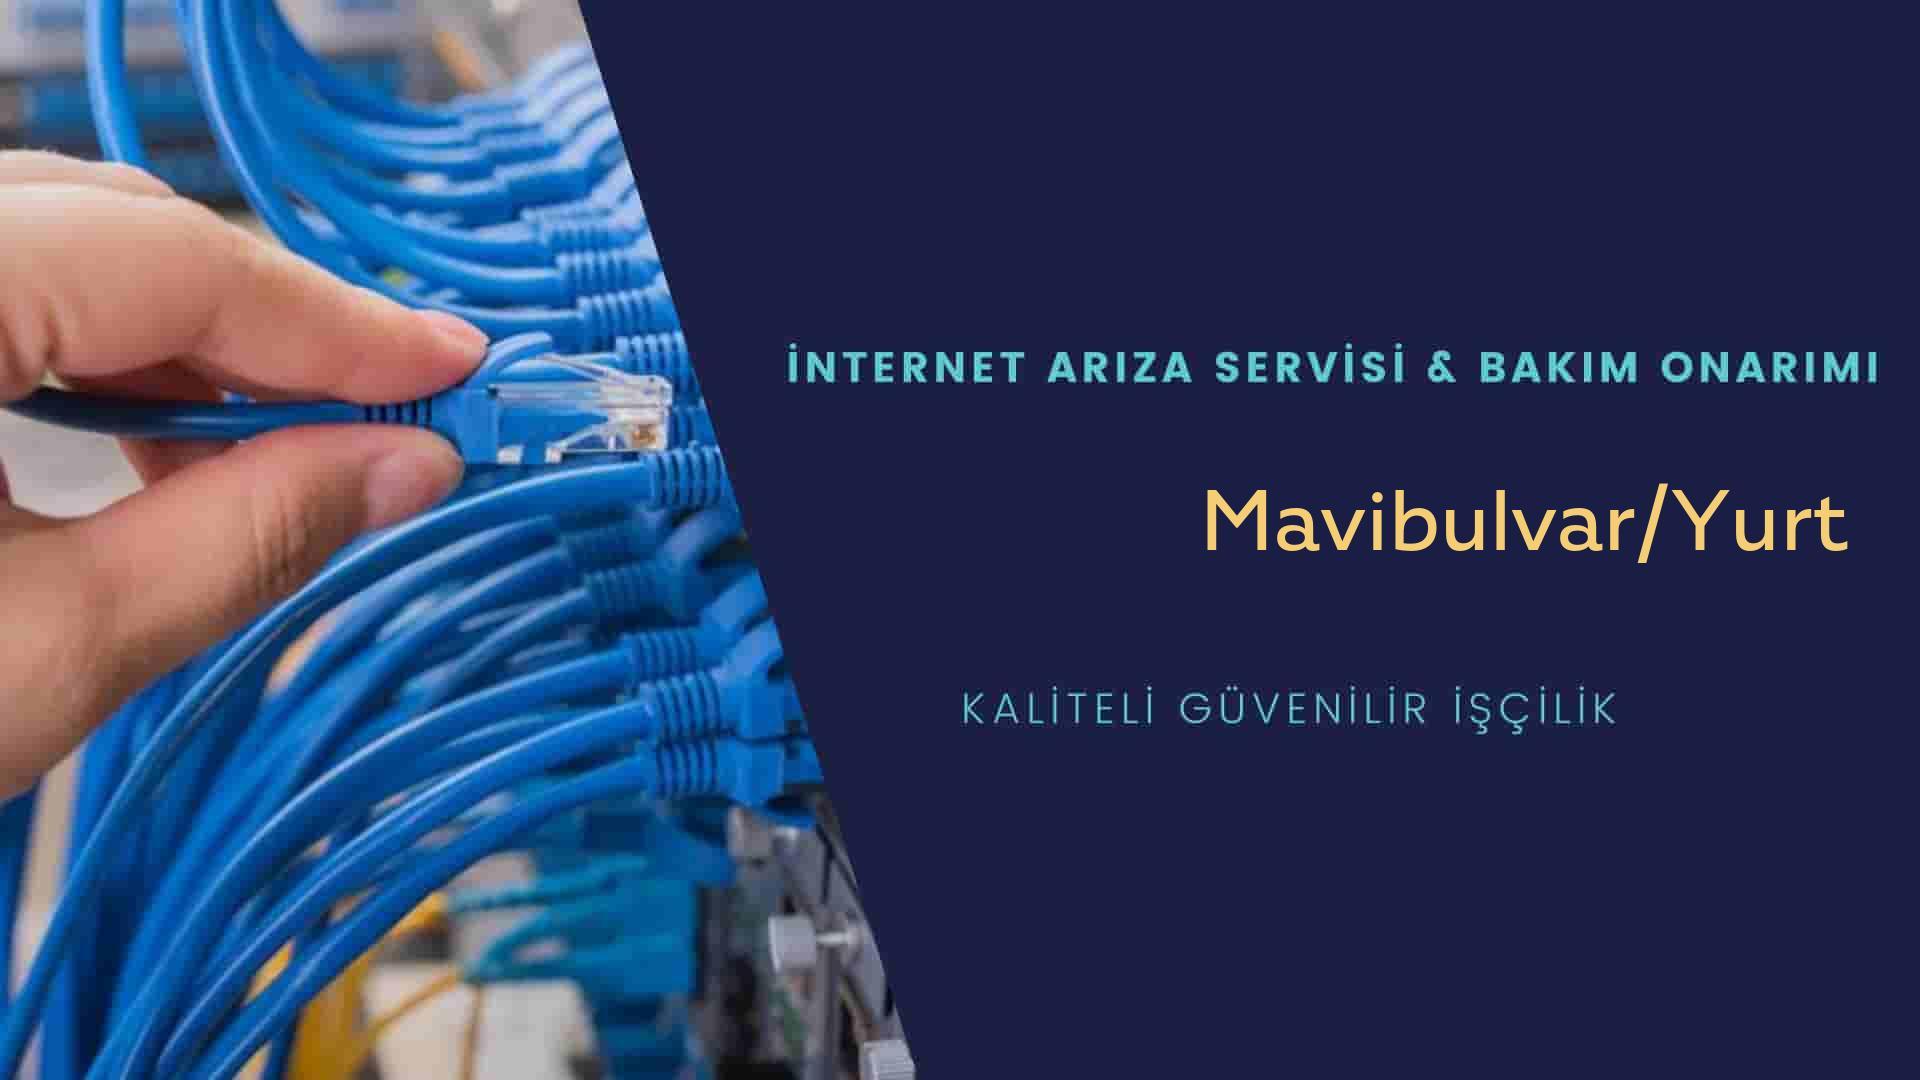 Mavibulvar/Yurt internet kablosu çekimi yapan yerler veya elektrikçiler mi? arıyorsunuz doğru yerdesiniz o zaman sizlere 7/24 yardımcı olacak profesyonel ustalarımız bir telefon kadar yakındır size.